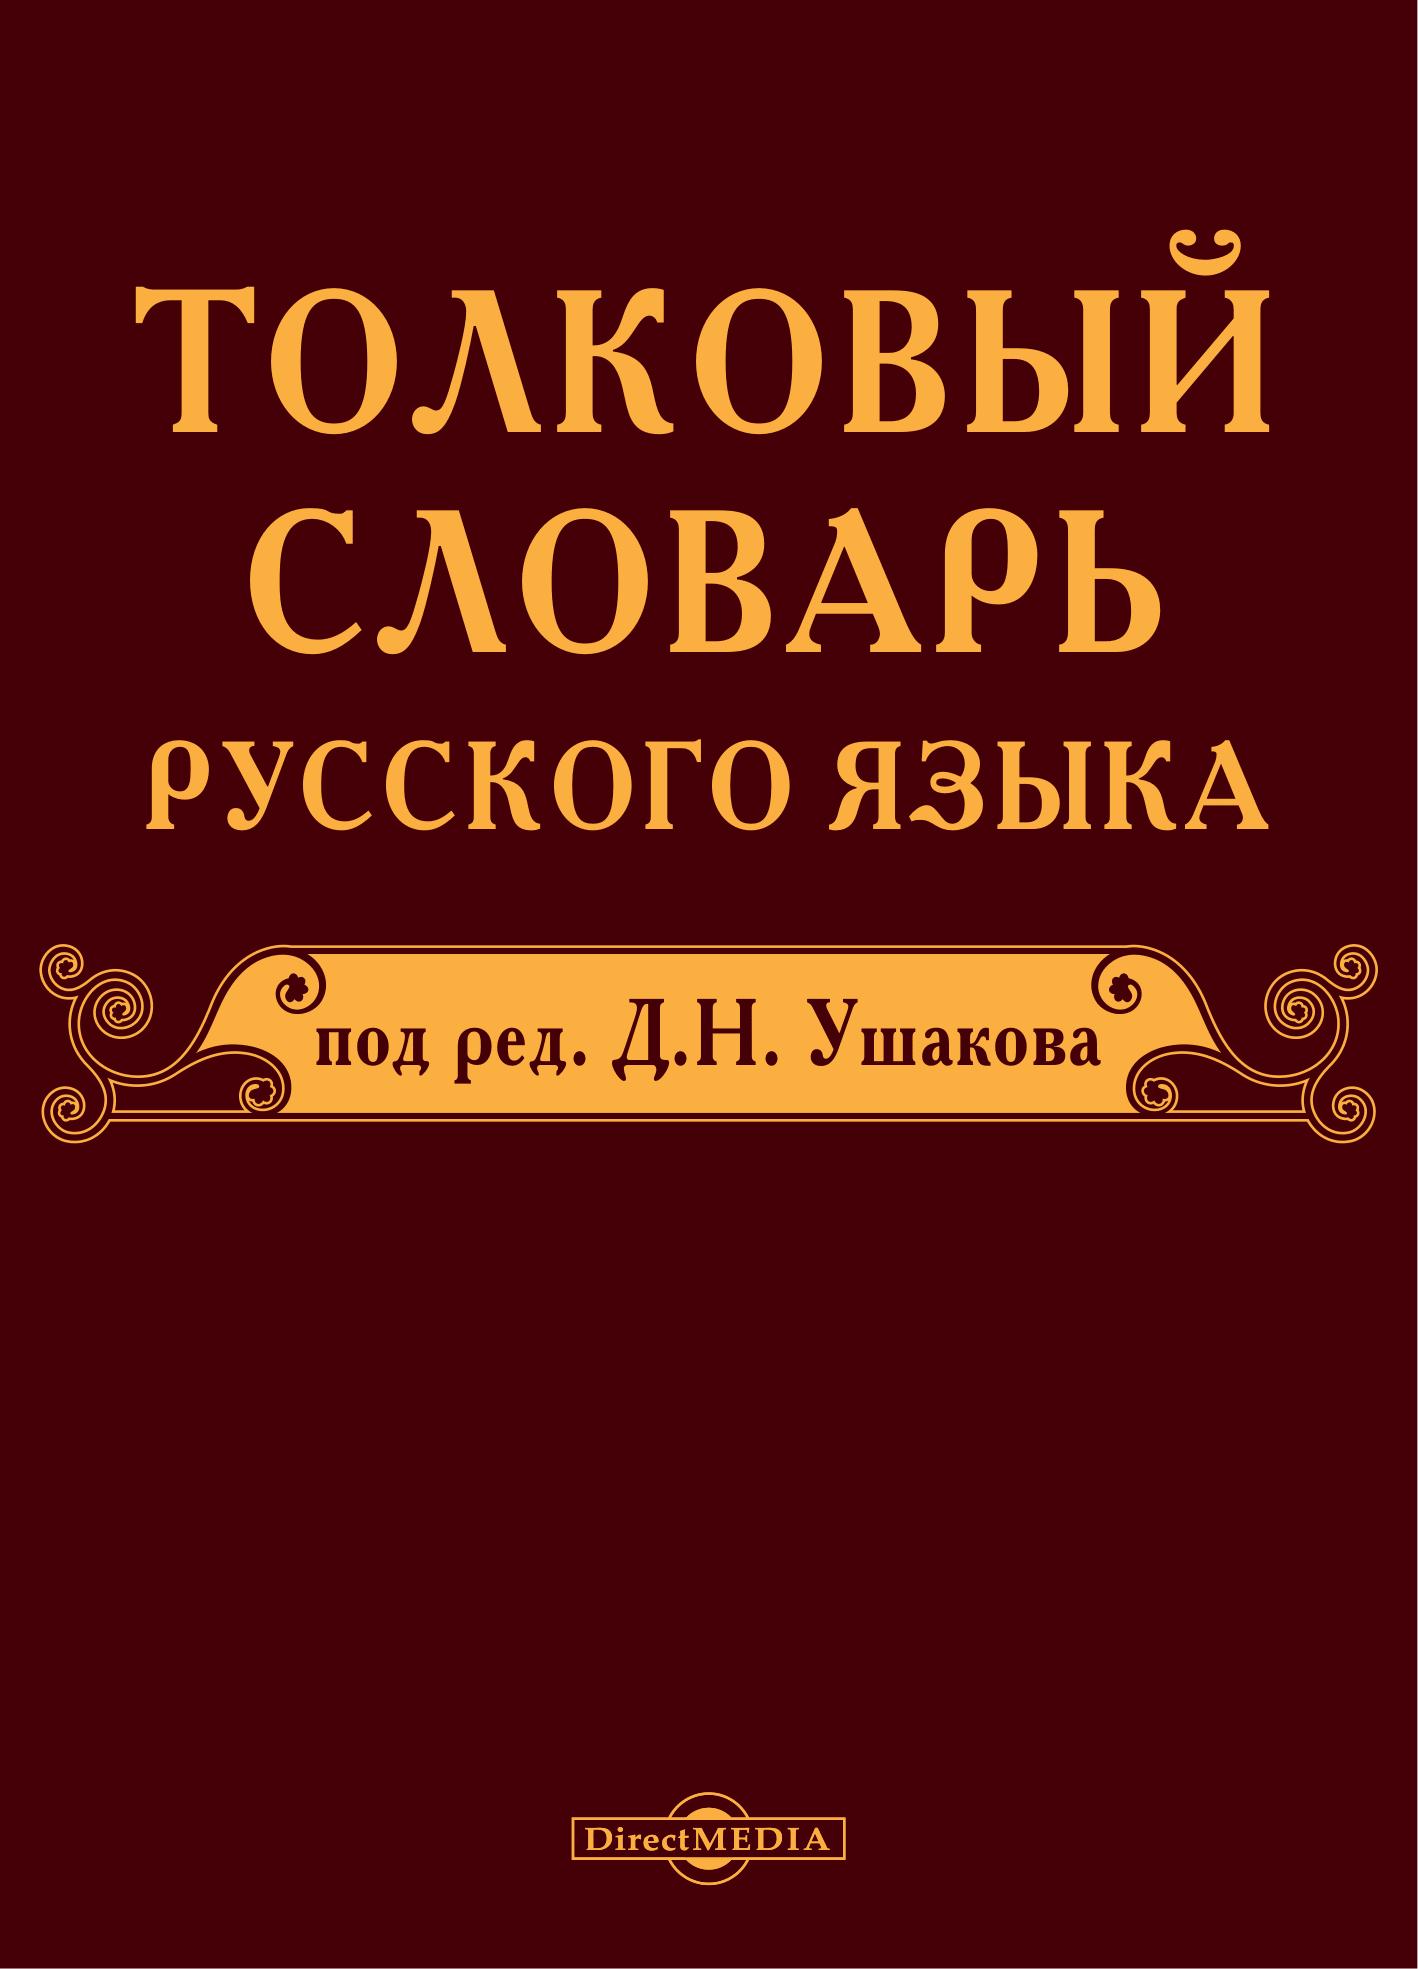 СОПЕЛКА